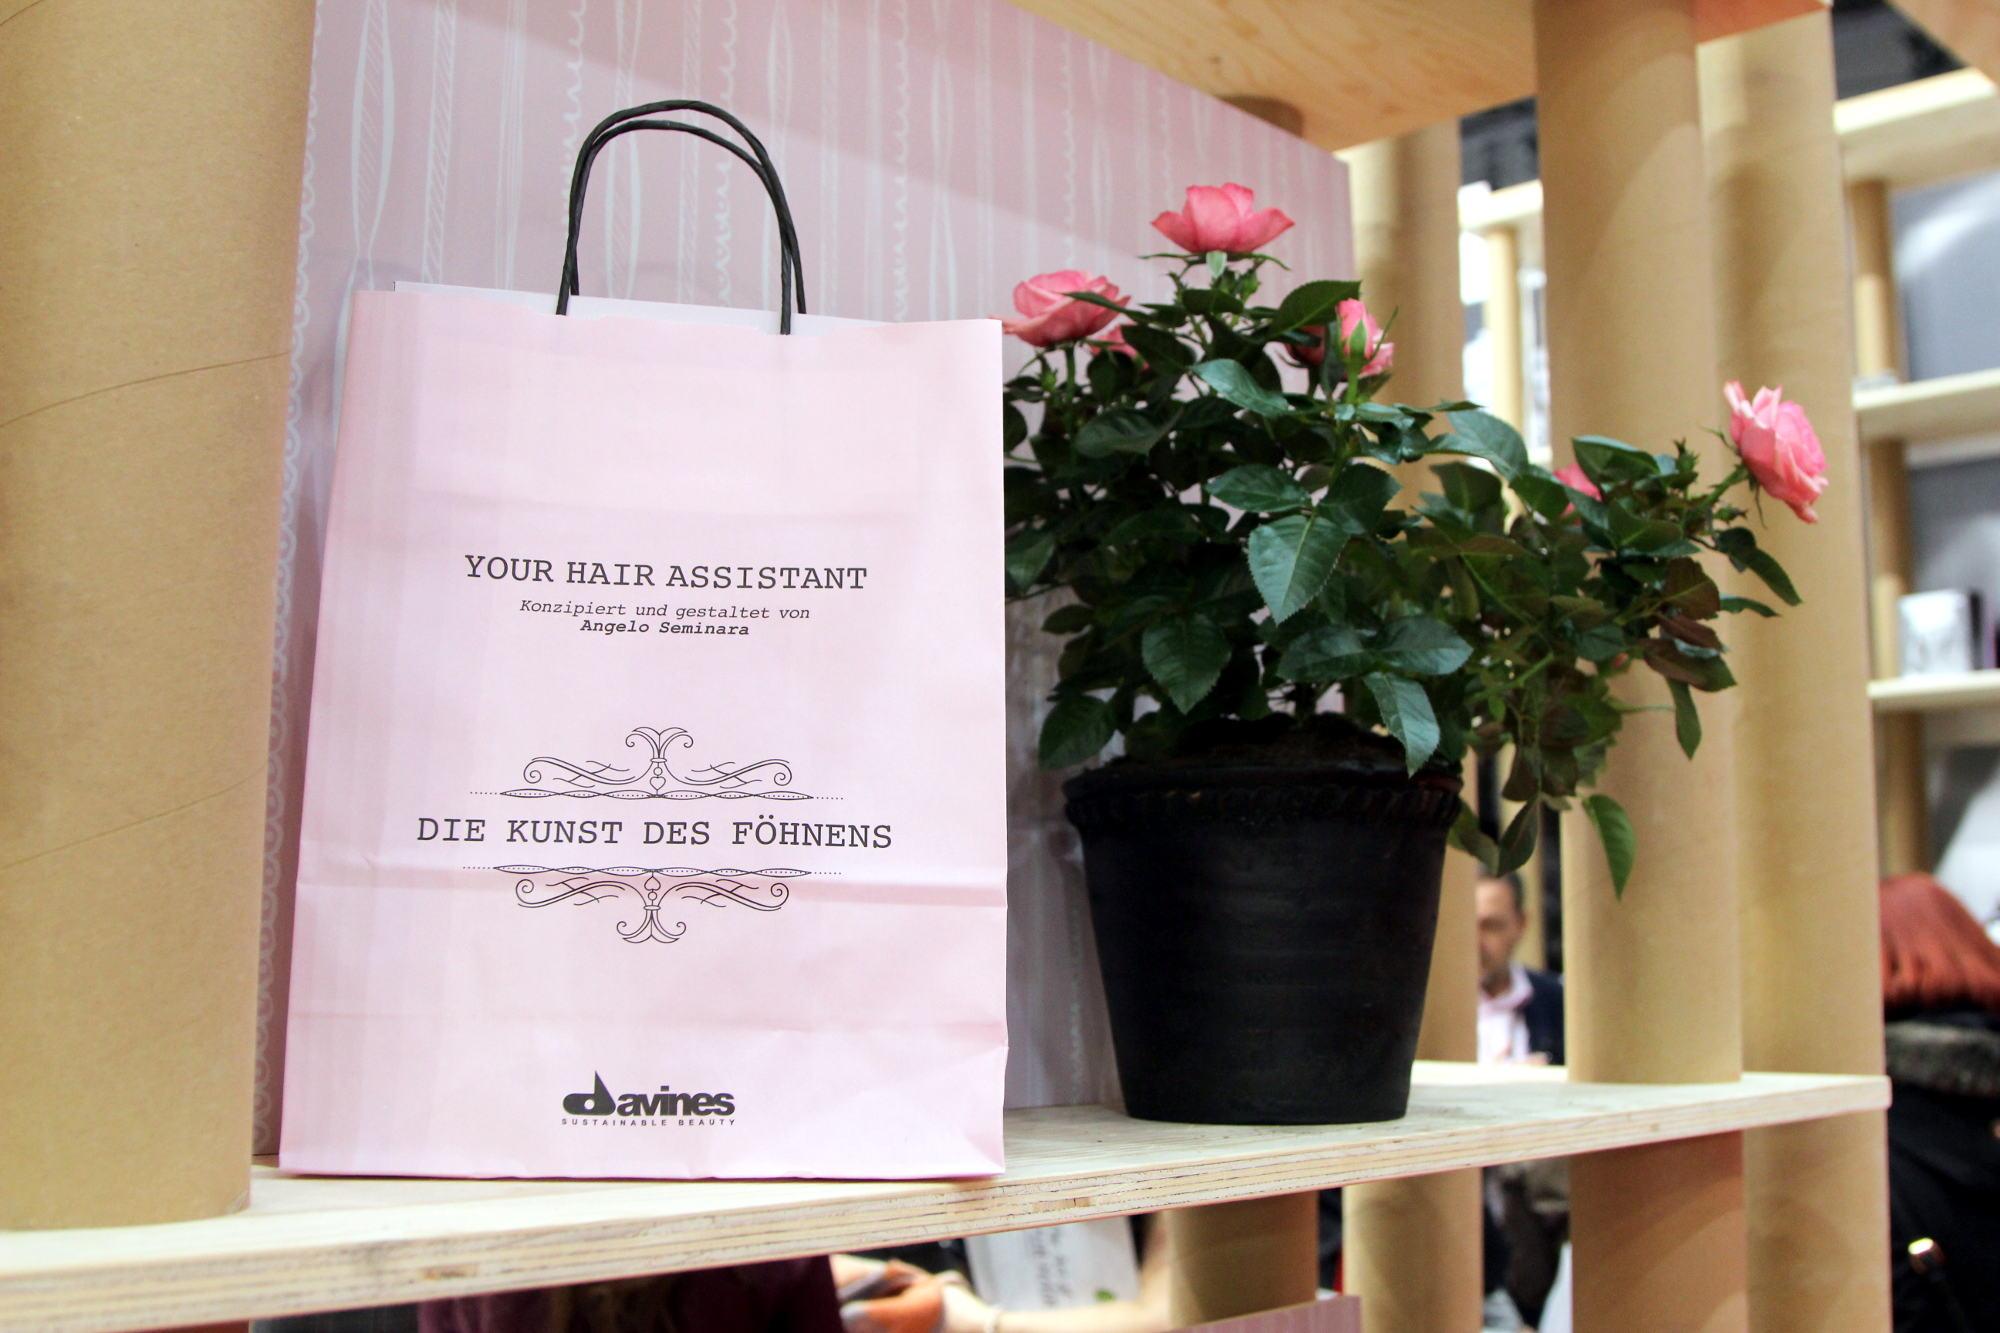 davines - sustainable beauty aus Italien | Friseur.com